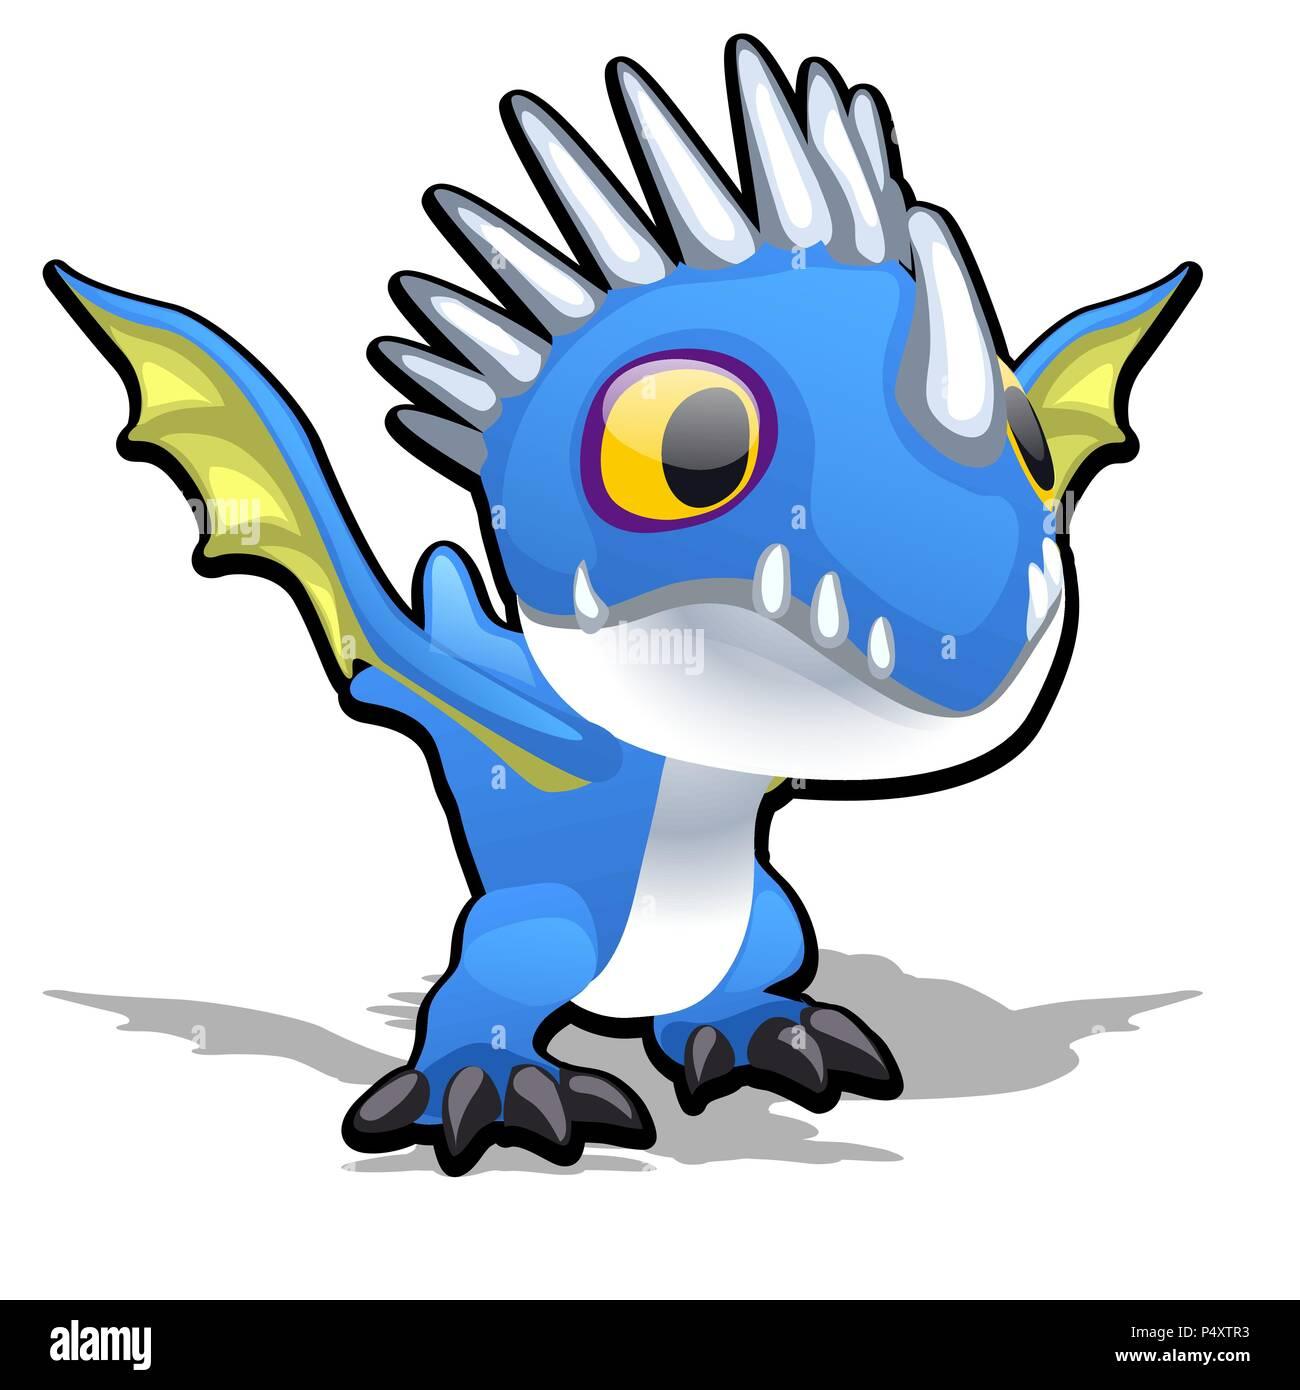 Drago Giocattolo In Colore Blu Isolato Su Sfondo Bianco Vector